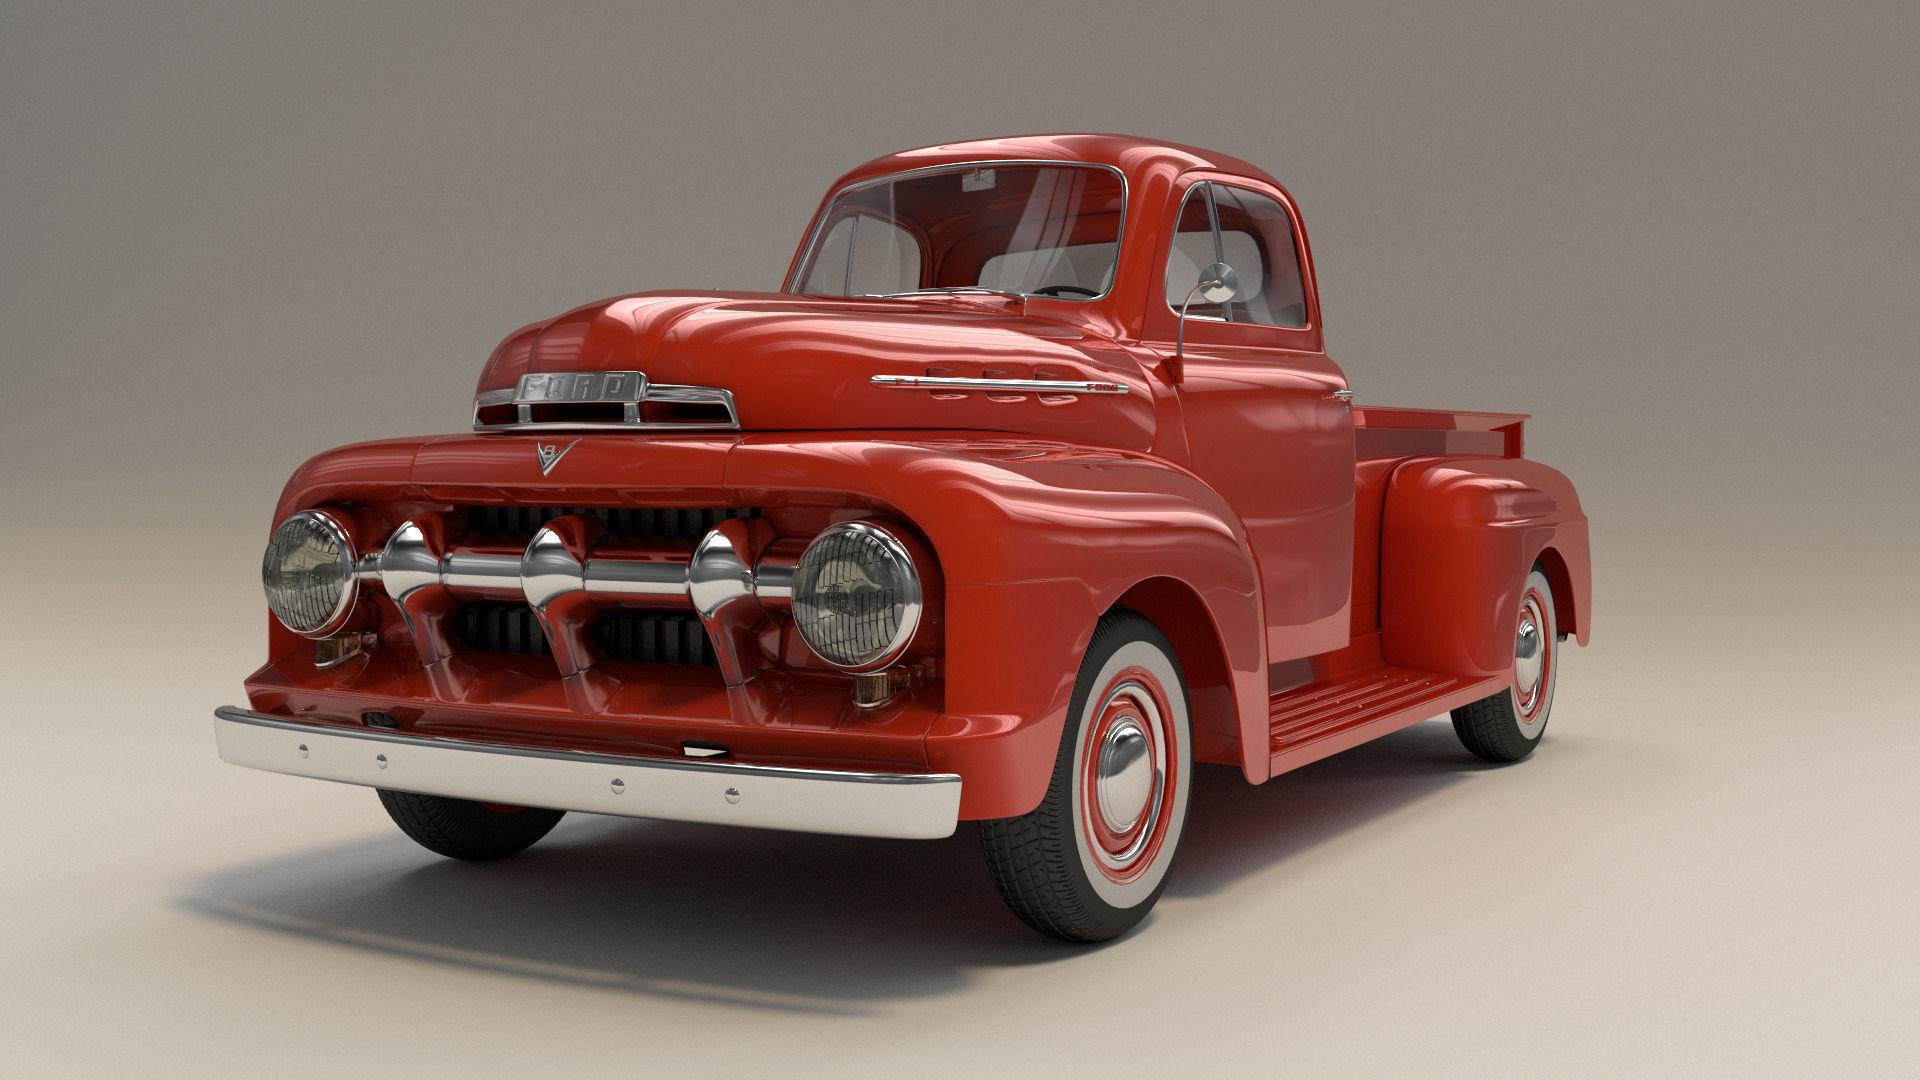 1951 ford f1 pickup truck 3d model obj fbx blend mtl. Black Bedroom Furniture Sets. Home Design Ideas